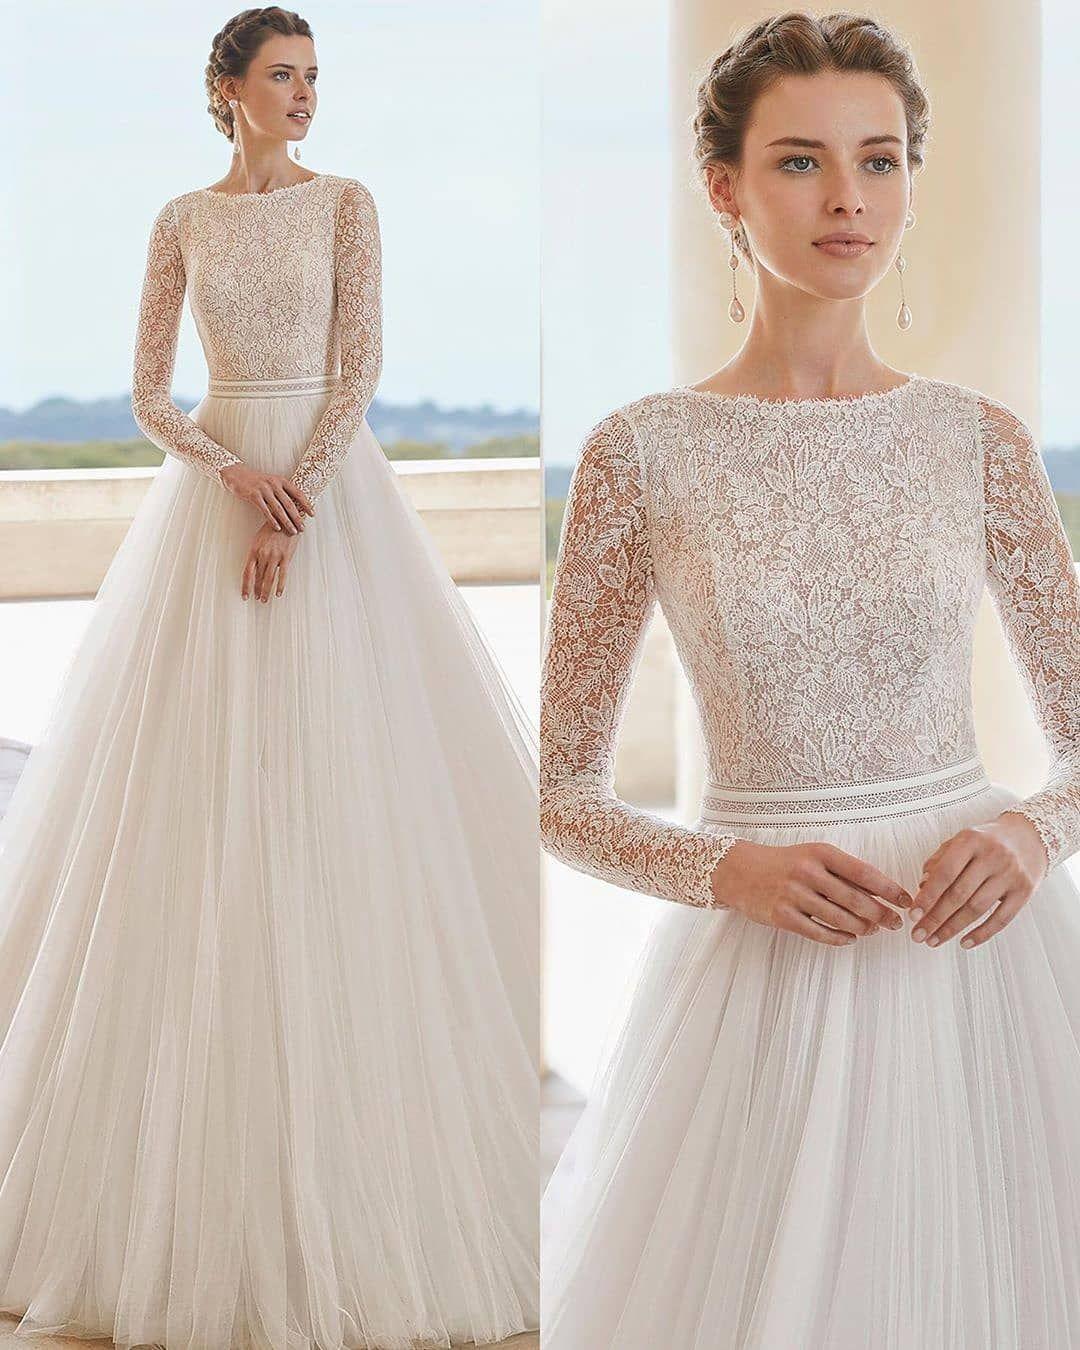 My World Of Dresses On Instagram Dreamy Gowns 1 10 Rosa Clara Brides Bridal Weddings Wedd In 2020 Wedding Dresses Dresses Wedding Dress Accessories